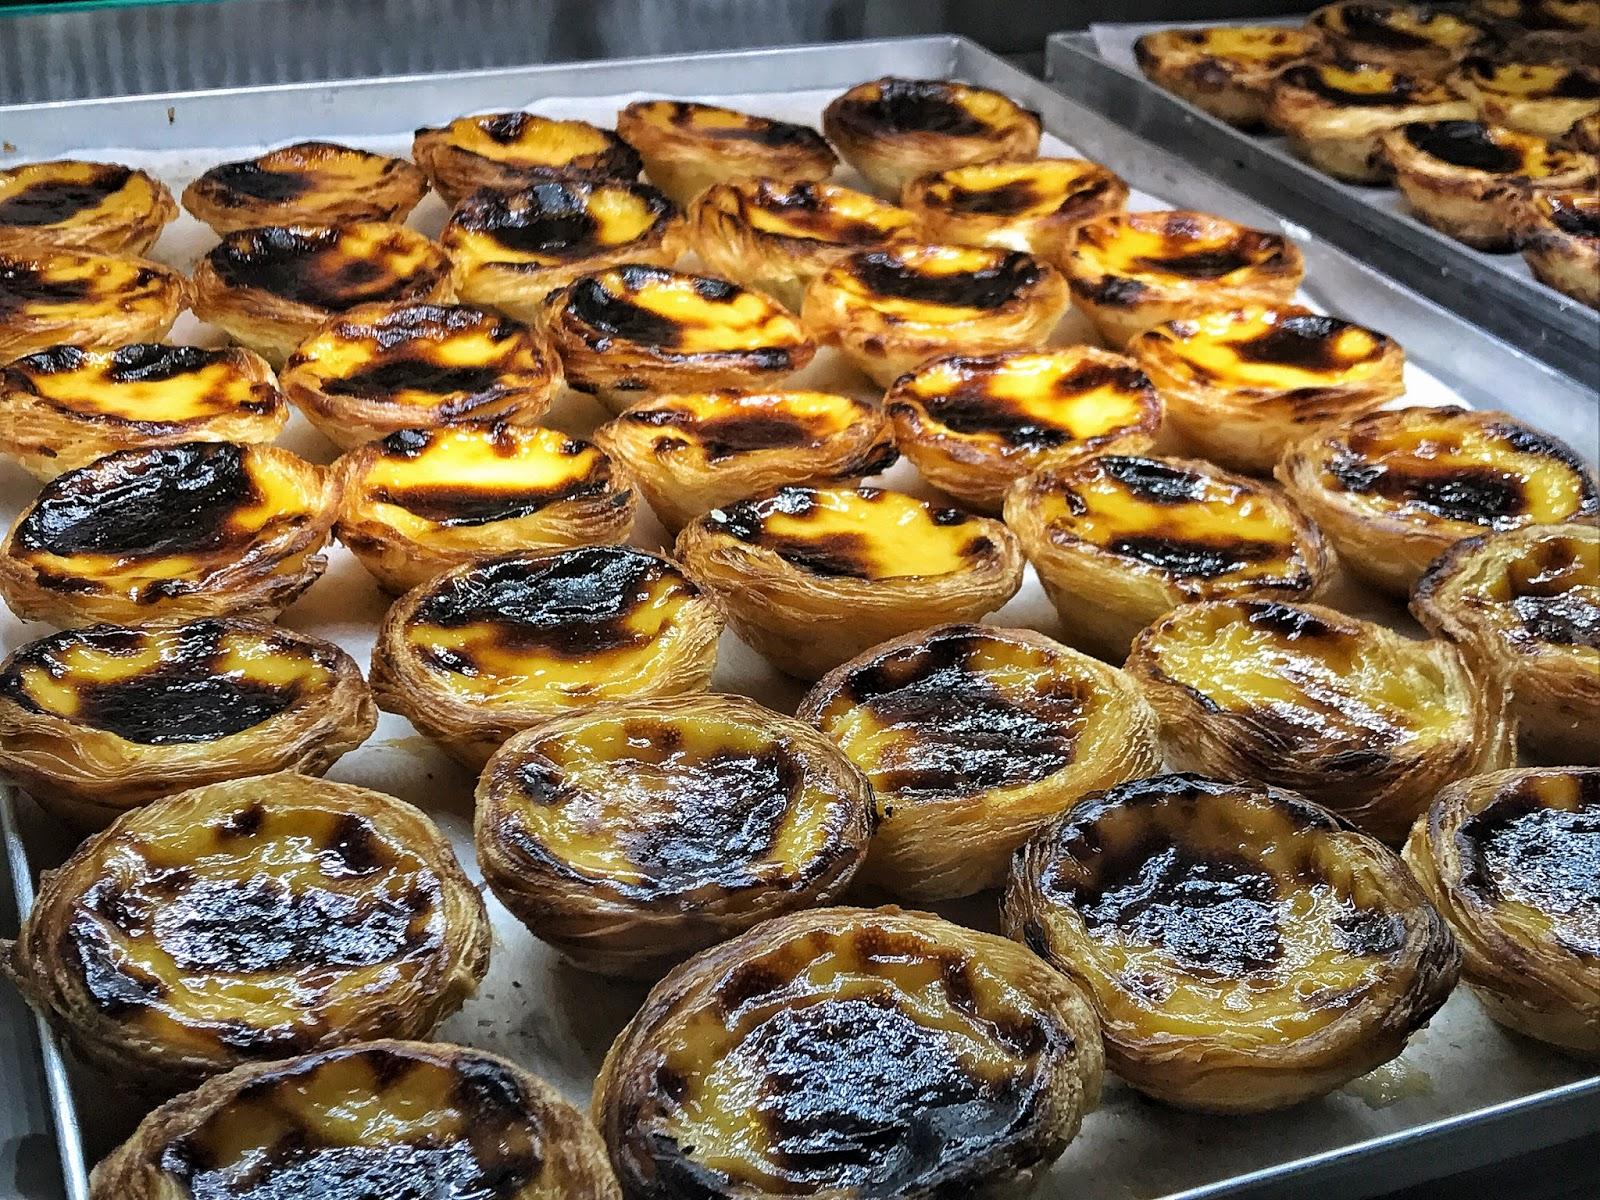 Lisbon's pasteis de nata cakes